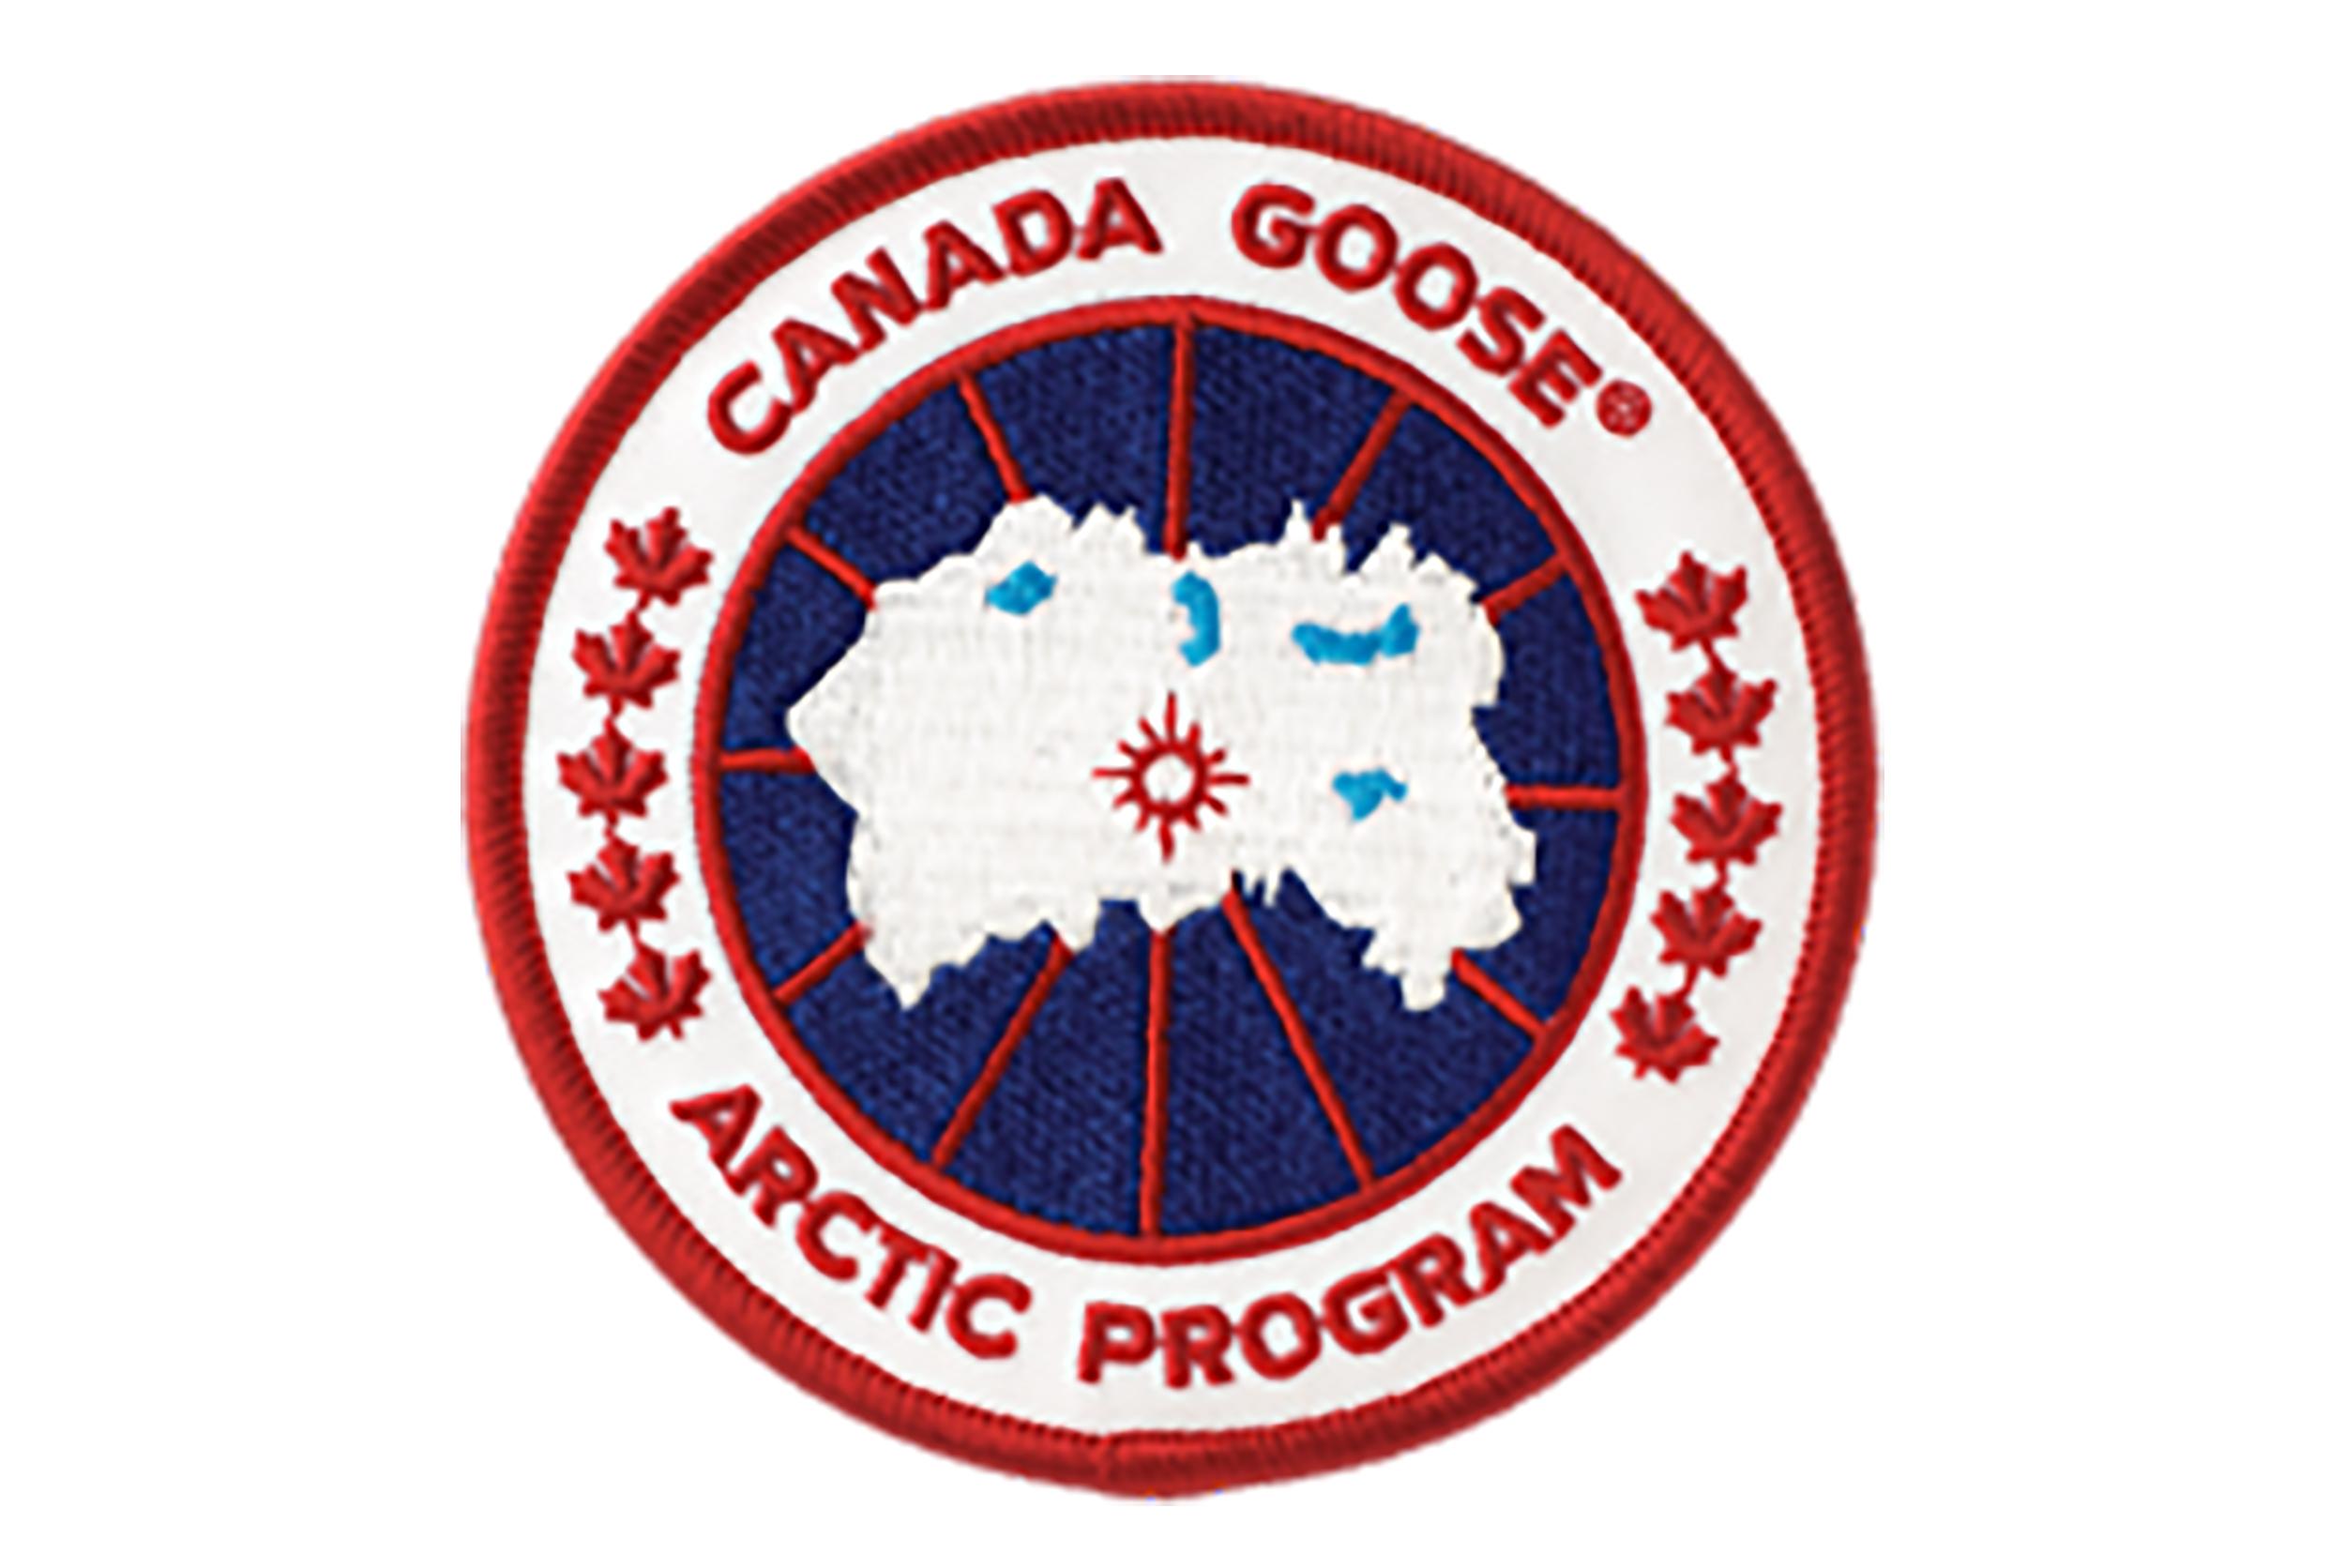 Canada Goose Acquires Baffin